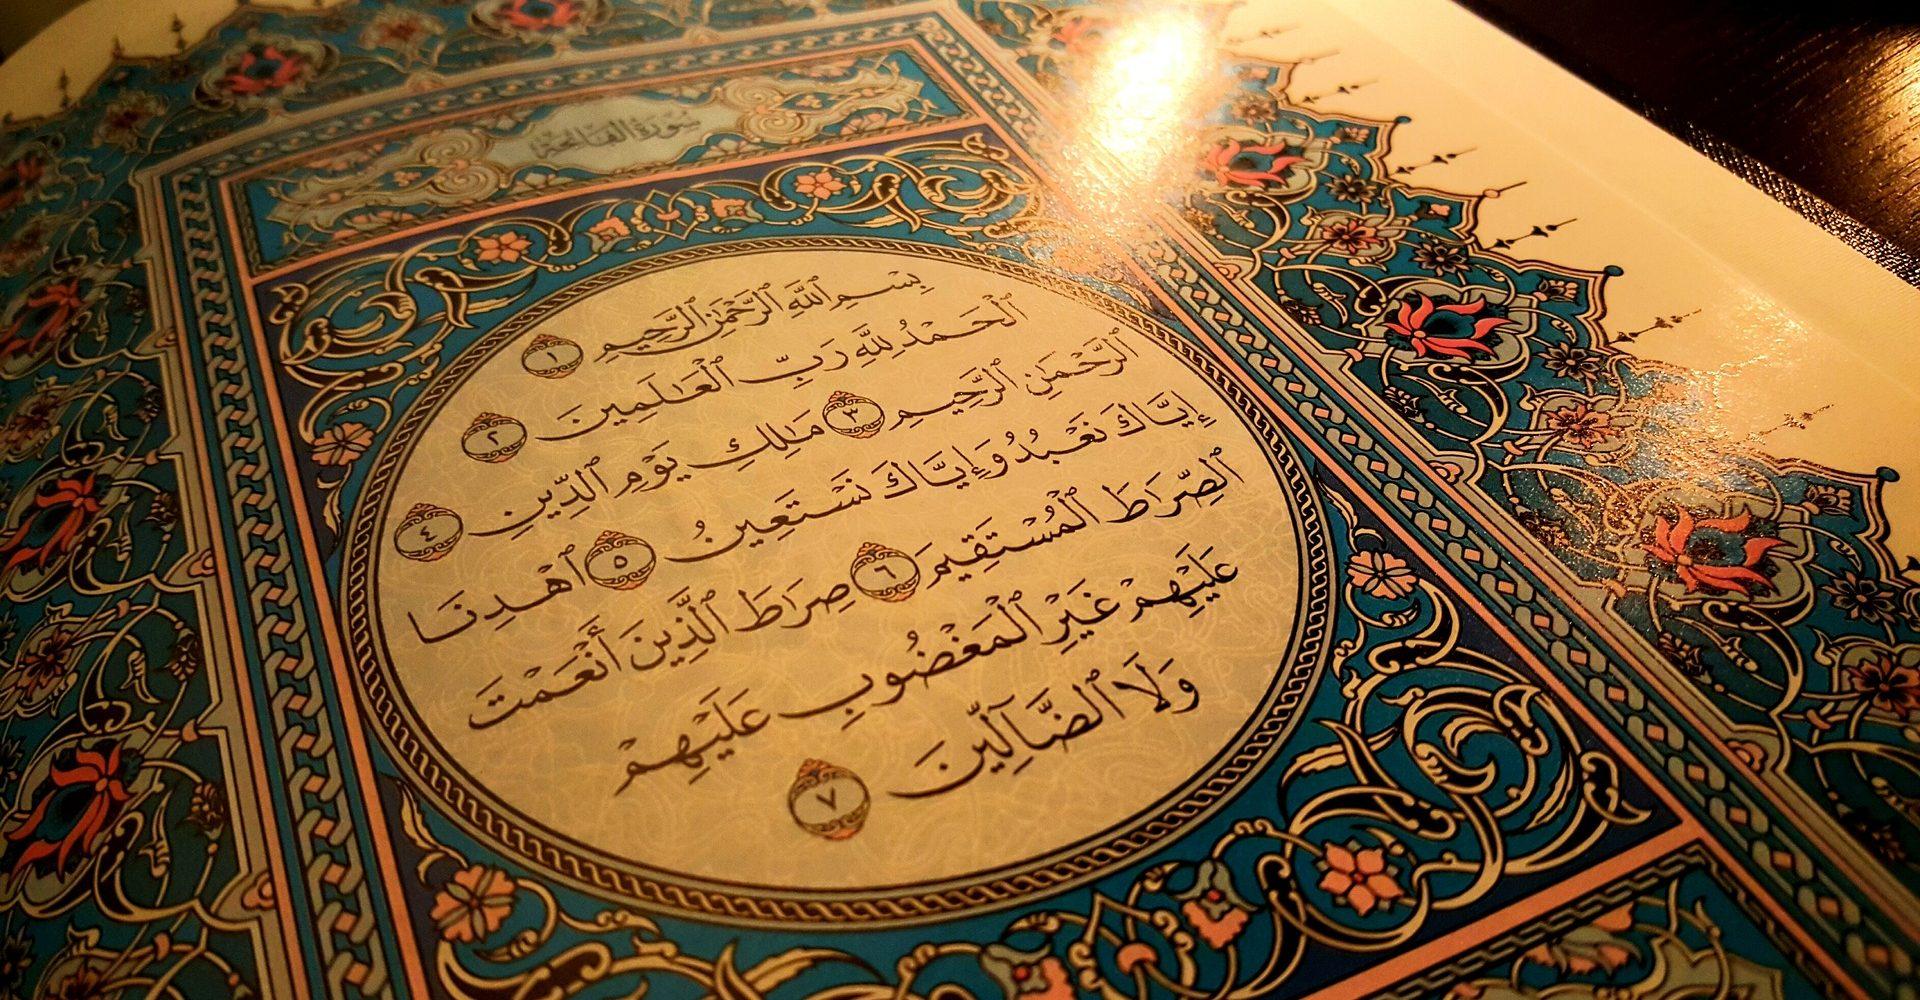 kelebihan surah al fatihah